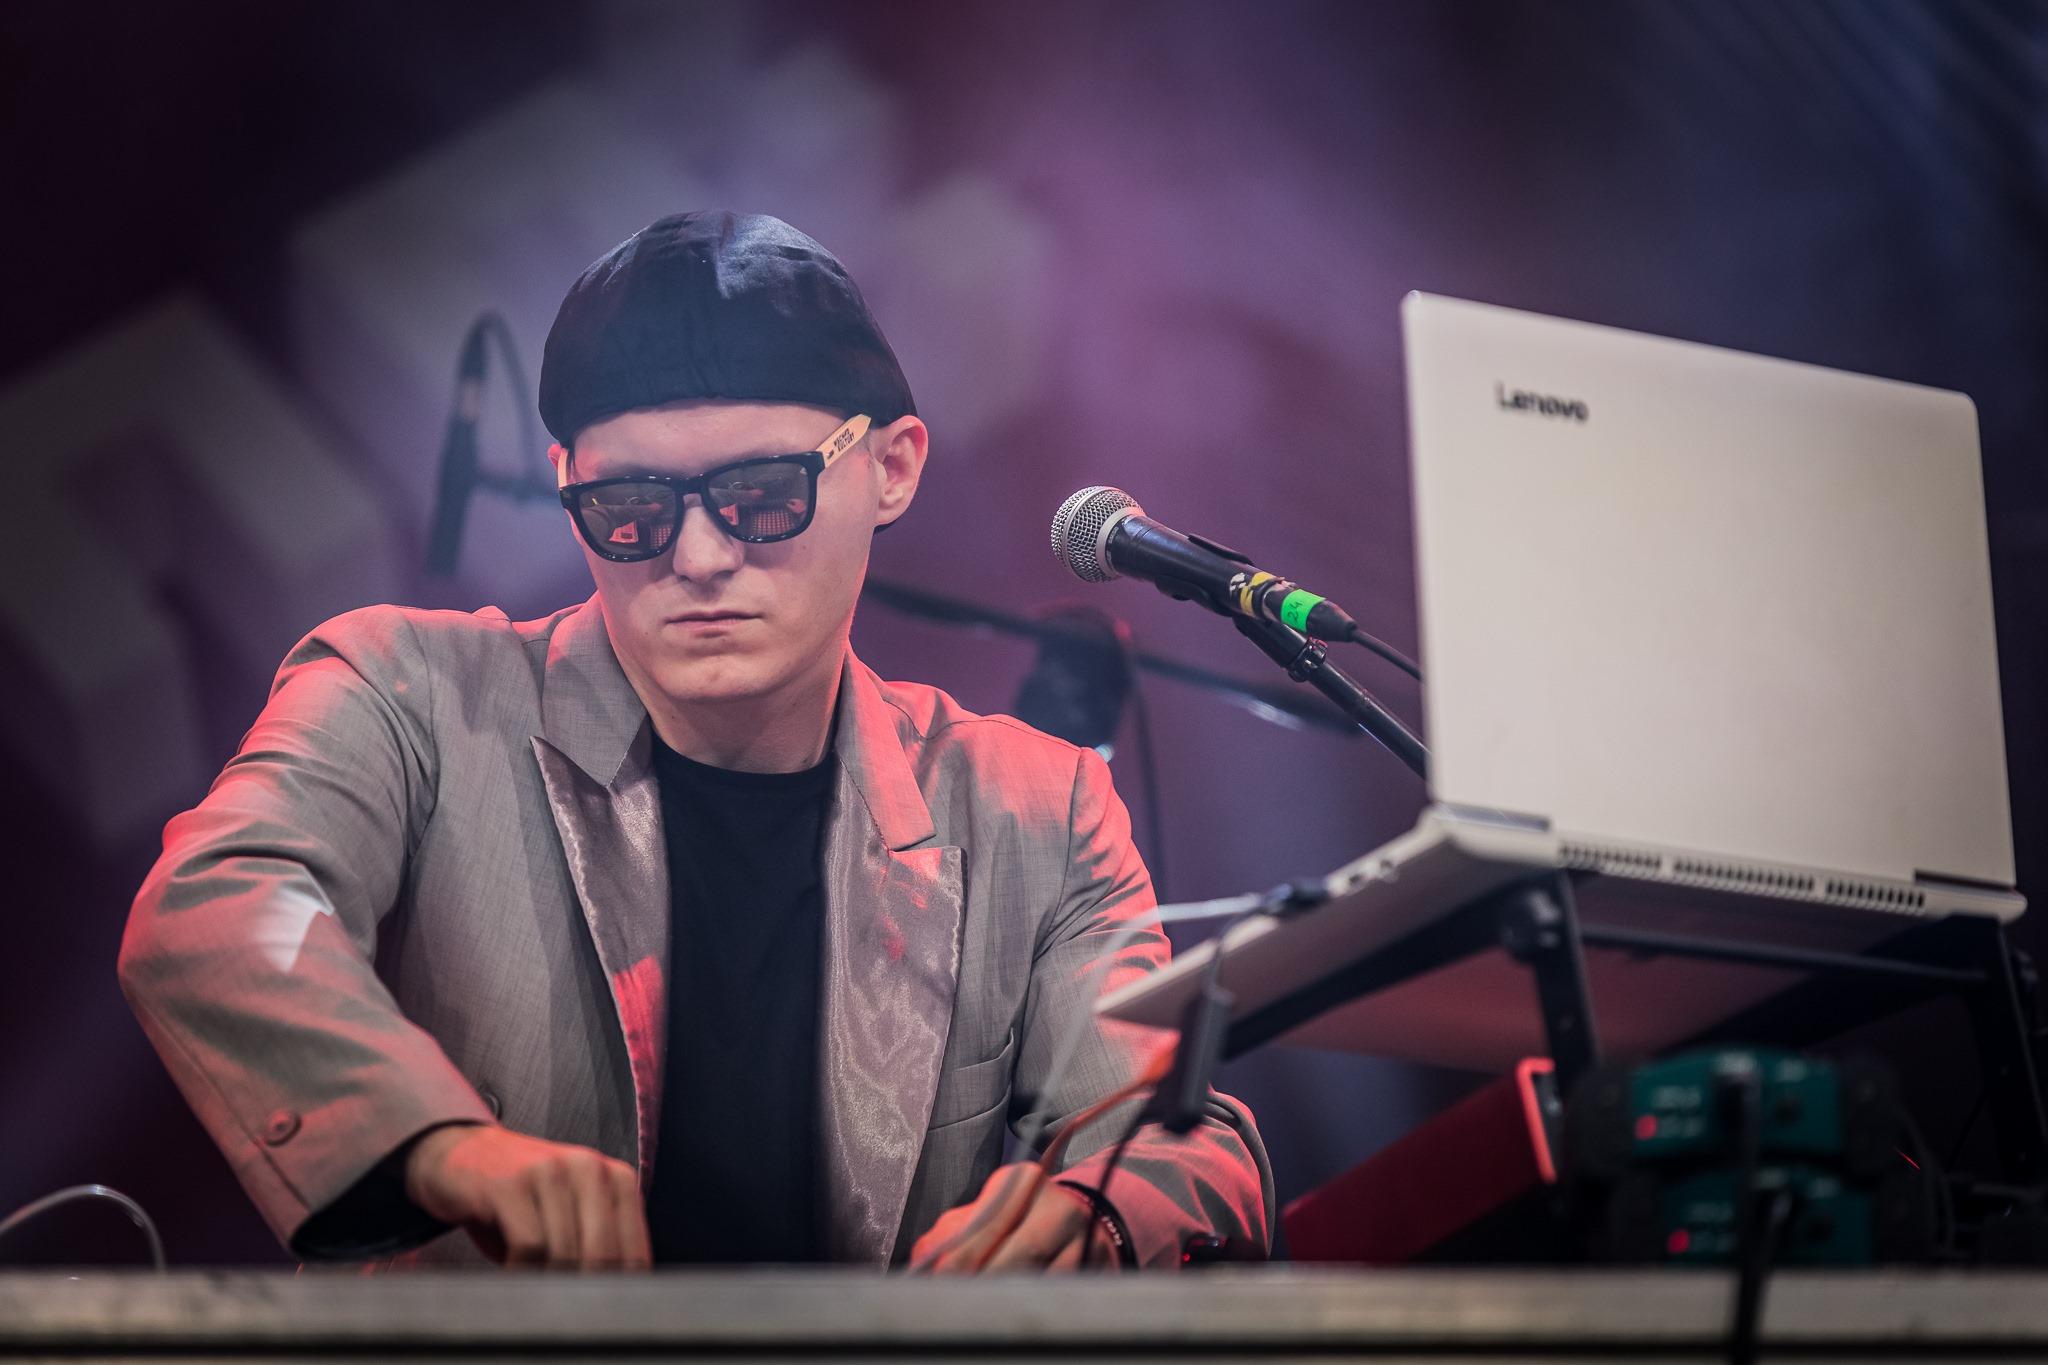 [Zdjęcie z koncertu przedstawia młodego mężczyznę tworzącego dźwięki na mikserze. Mężczyzna stoi przed mikrofonem umieszczonym na statywie, a przed sobą ma otwartego laptopa. Ubrany jest w jasną marynarkę i czarną koszulkę pod spodem.]